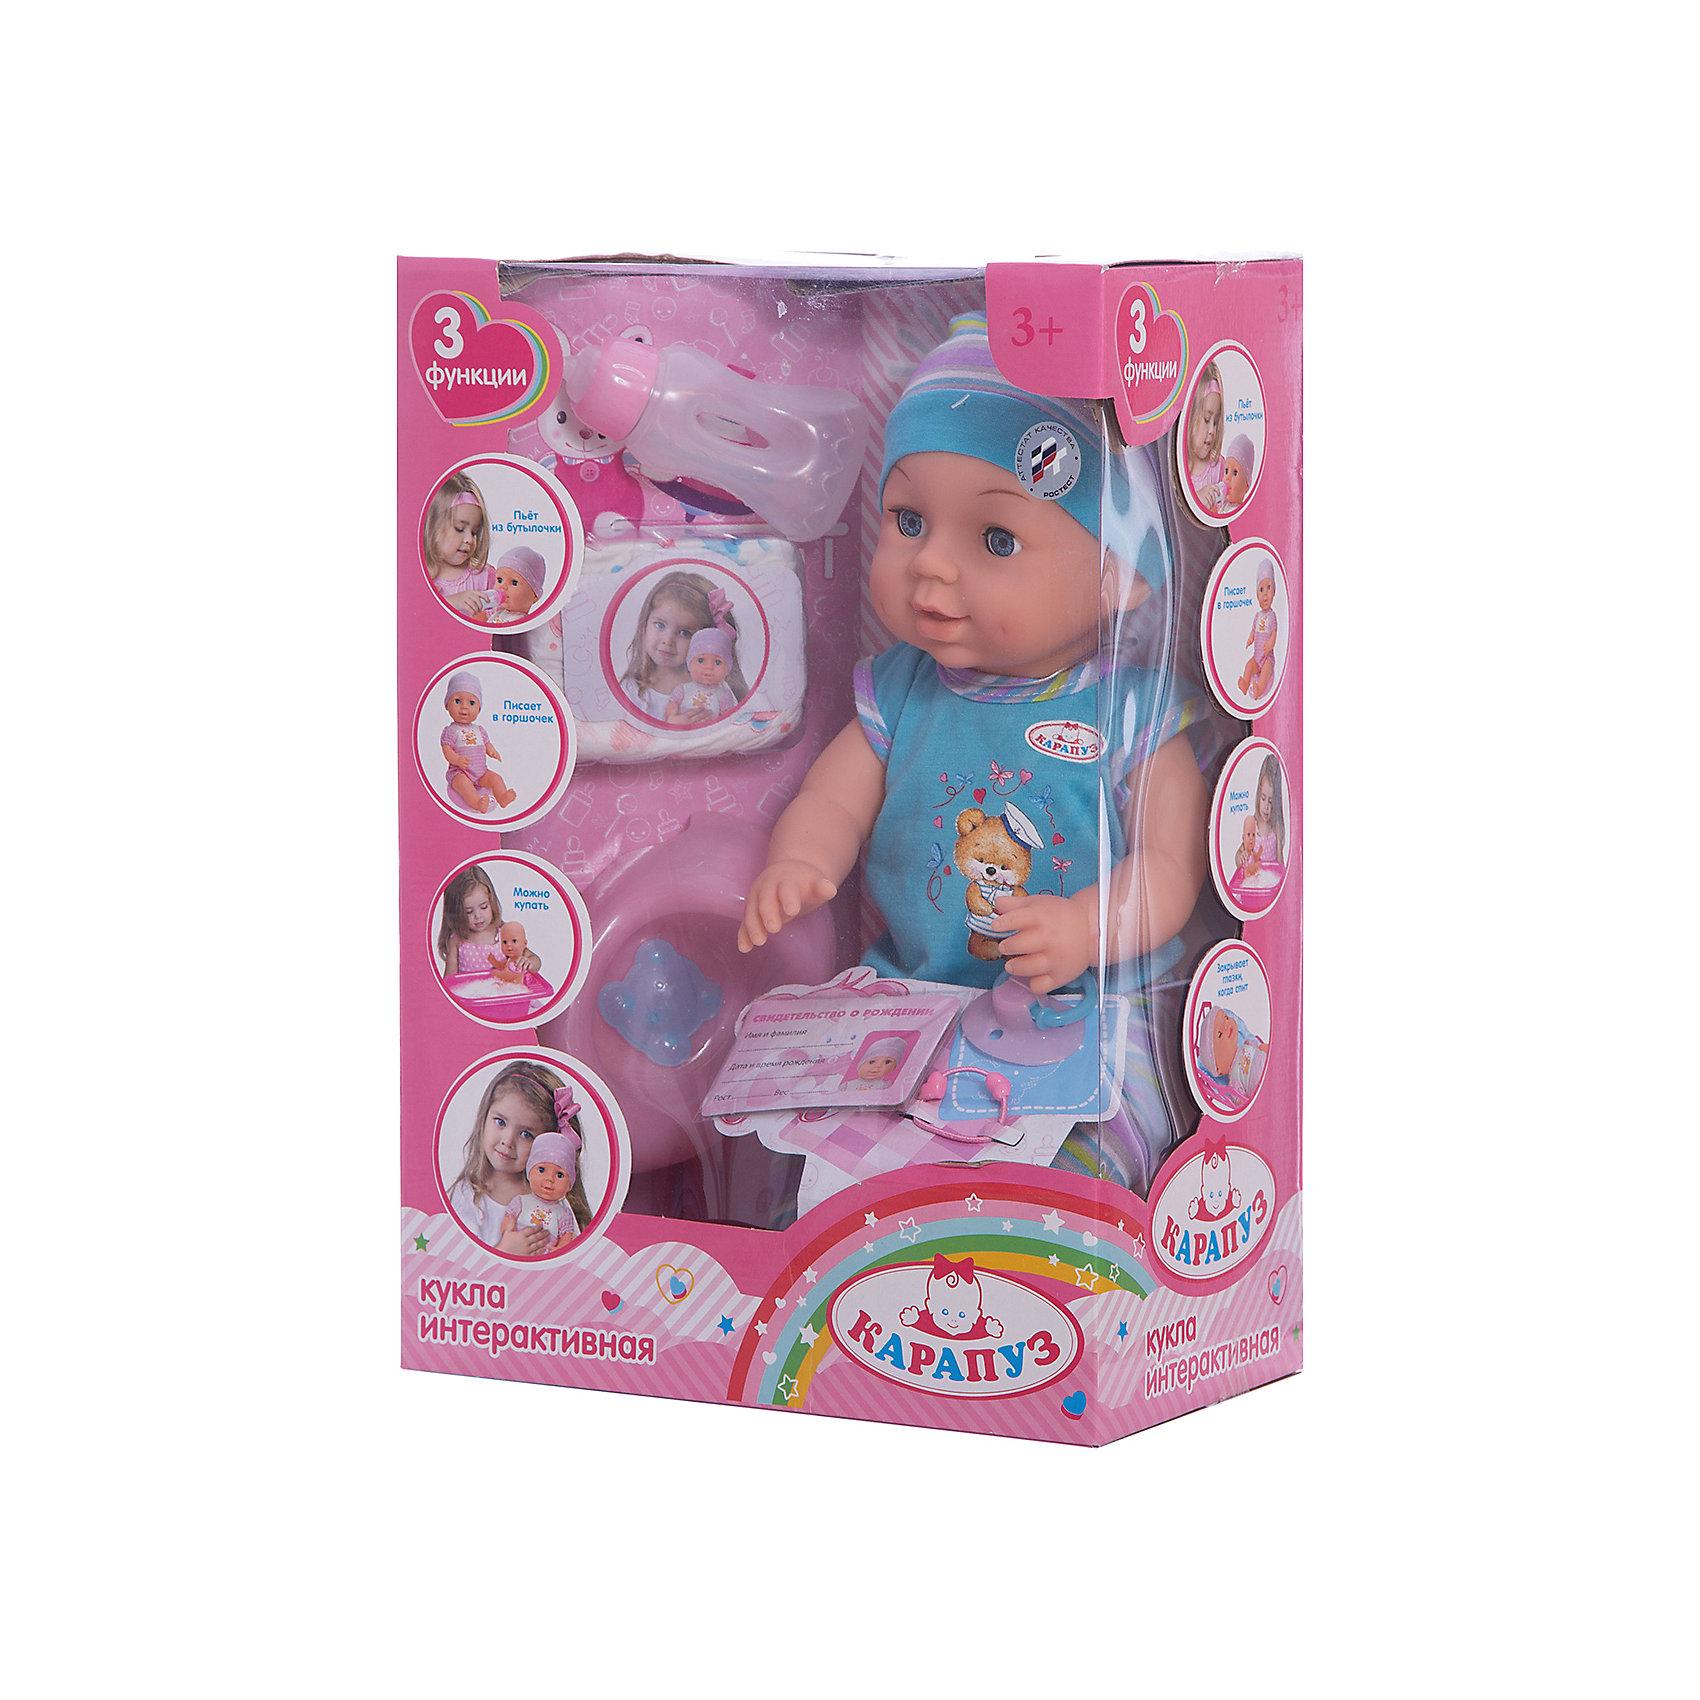 Пупс 40 см, 3 функции, с аксессуарами, КарапузКуклы-пупсы<br>Игрушка выполнена в виде реалистичного малыша с выразительными голубыми глазками, пухлыми губками и вздернутым носиком. Игрушка умеет реалистично писать в горшок, если ее сначала напоить водичкой из бутылочки, предусмотренной в комплекте. У пупса подвижные ручки и ножки, поэтому ему можно придавать самые разнообразные позы в процессе игры. Тело игрушки полностью выполнено из пластика, что позволяет малышкам купать любимца в ванной и брать его с собой во время купания.<br><br>Ширина мм: 79<br>Глубина мм: 57<br>Высота мм: 33<br>Вес г: 1100<br>Возраст от месяцев: 36<br>Возраст до месяцев: 60<br>Пол: Женский<br>Возраст: Детский<br>SKU: 6863980